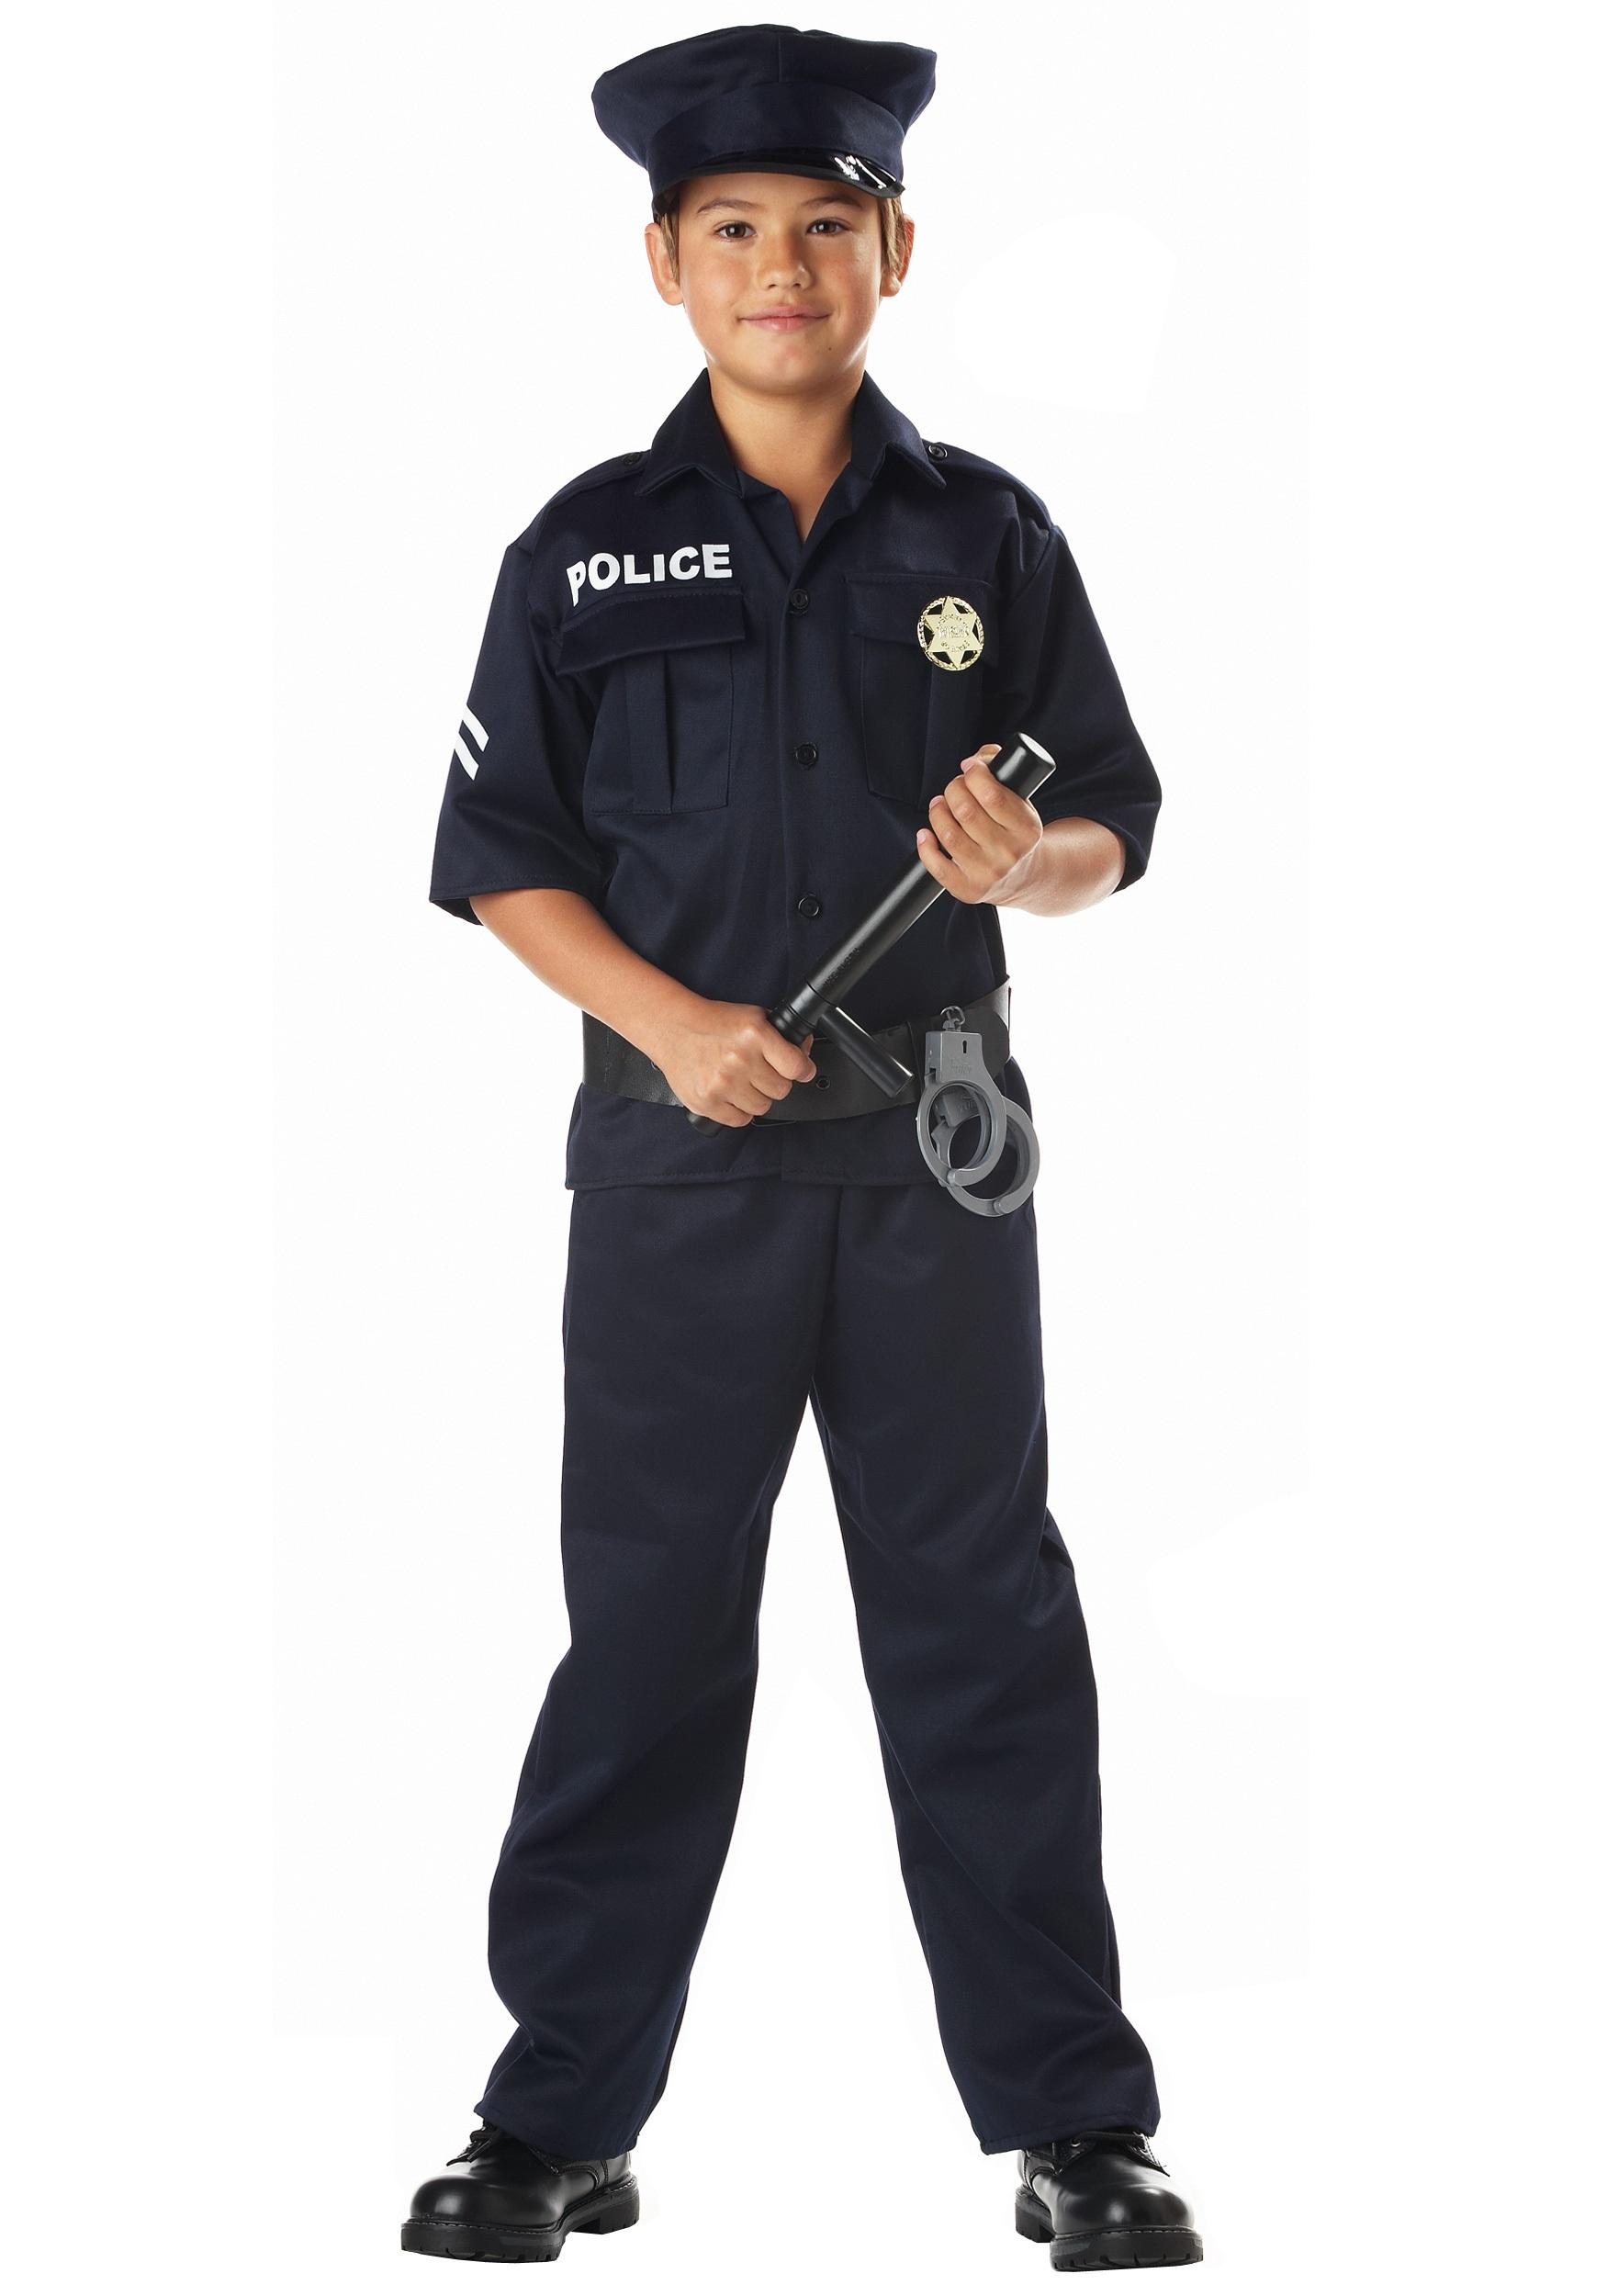 kids-police-costume